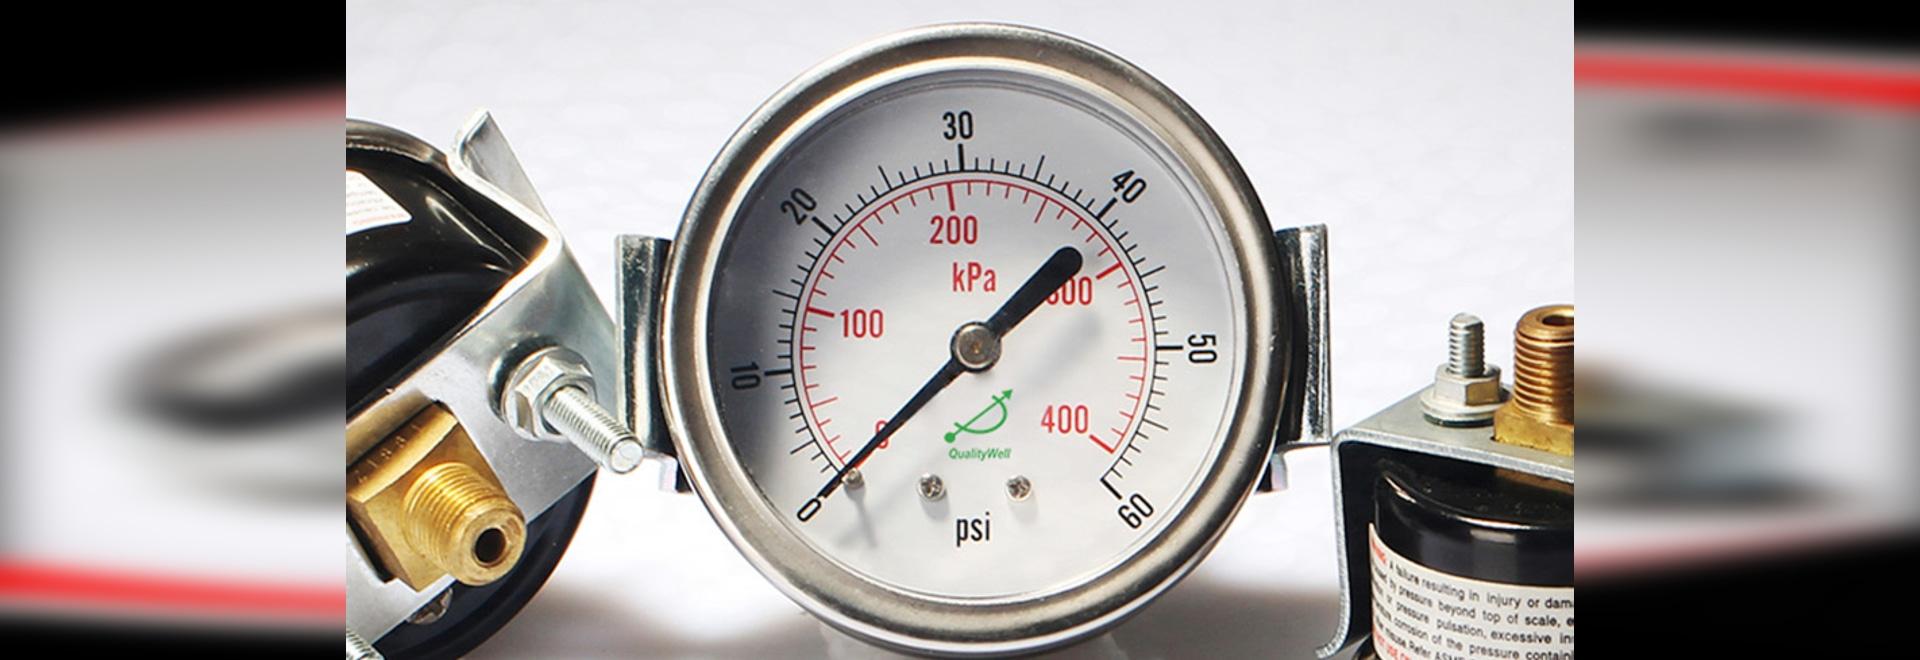 Cómo juzgar el grado de precisión del manómetro